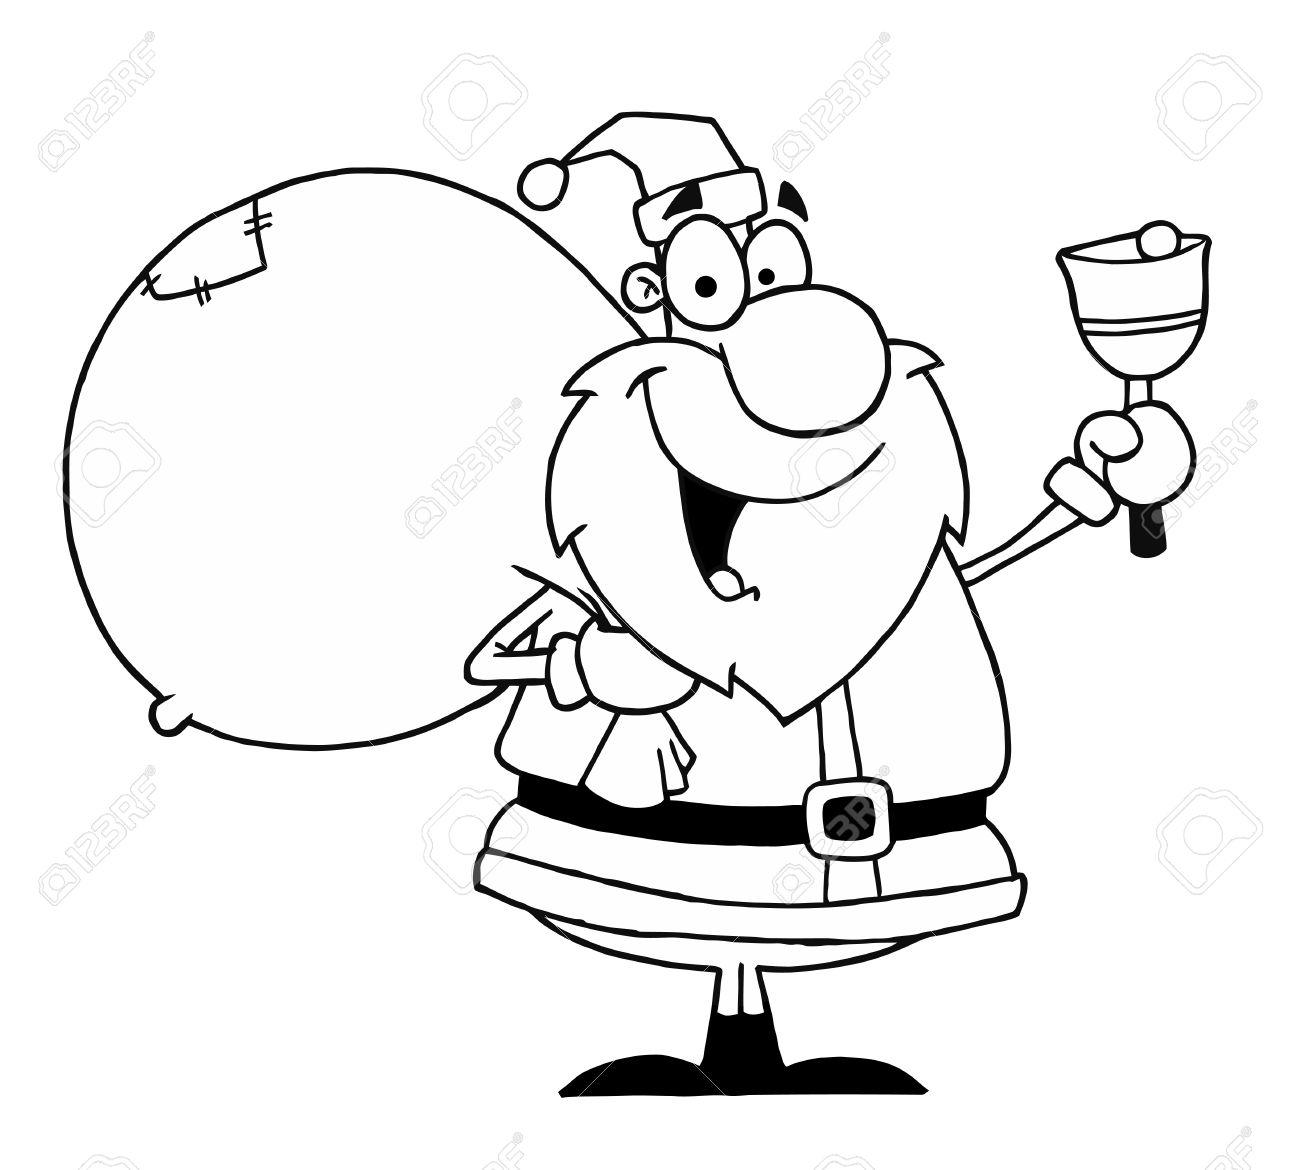 Noir Et Blanc Contour Coloriage De Père Noël De Bell Ringer A